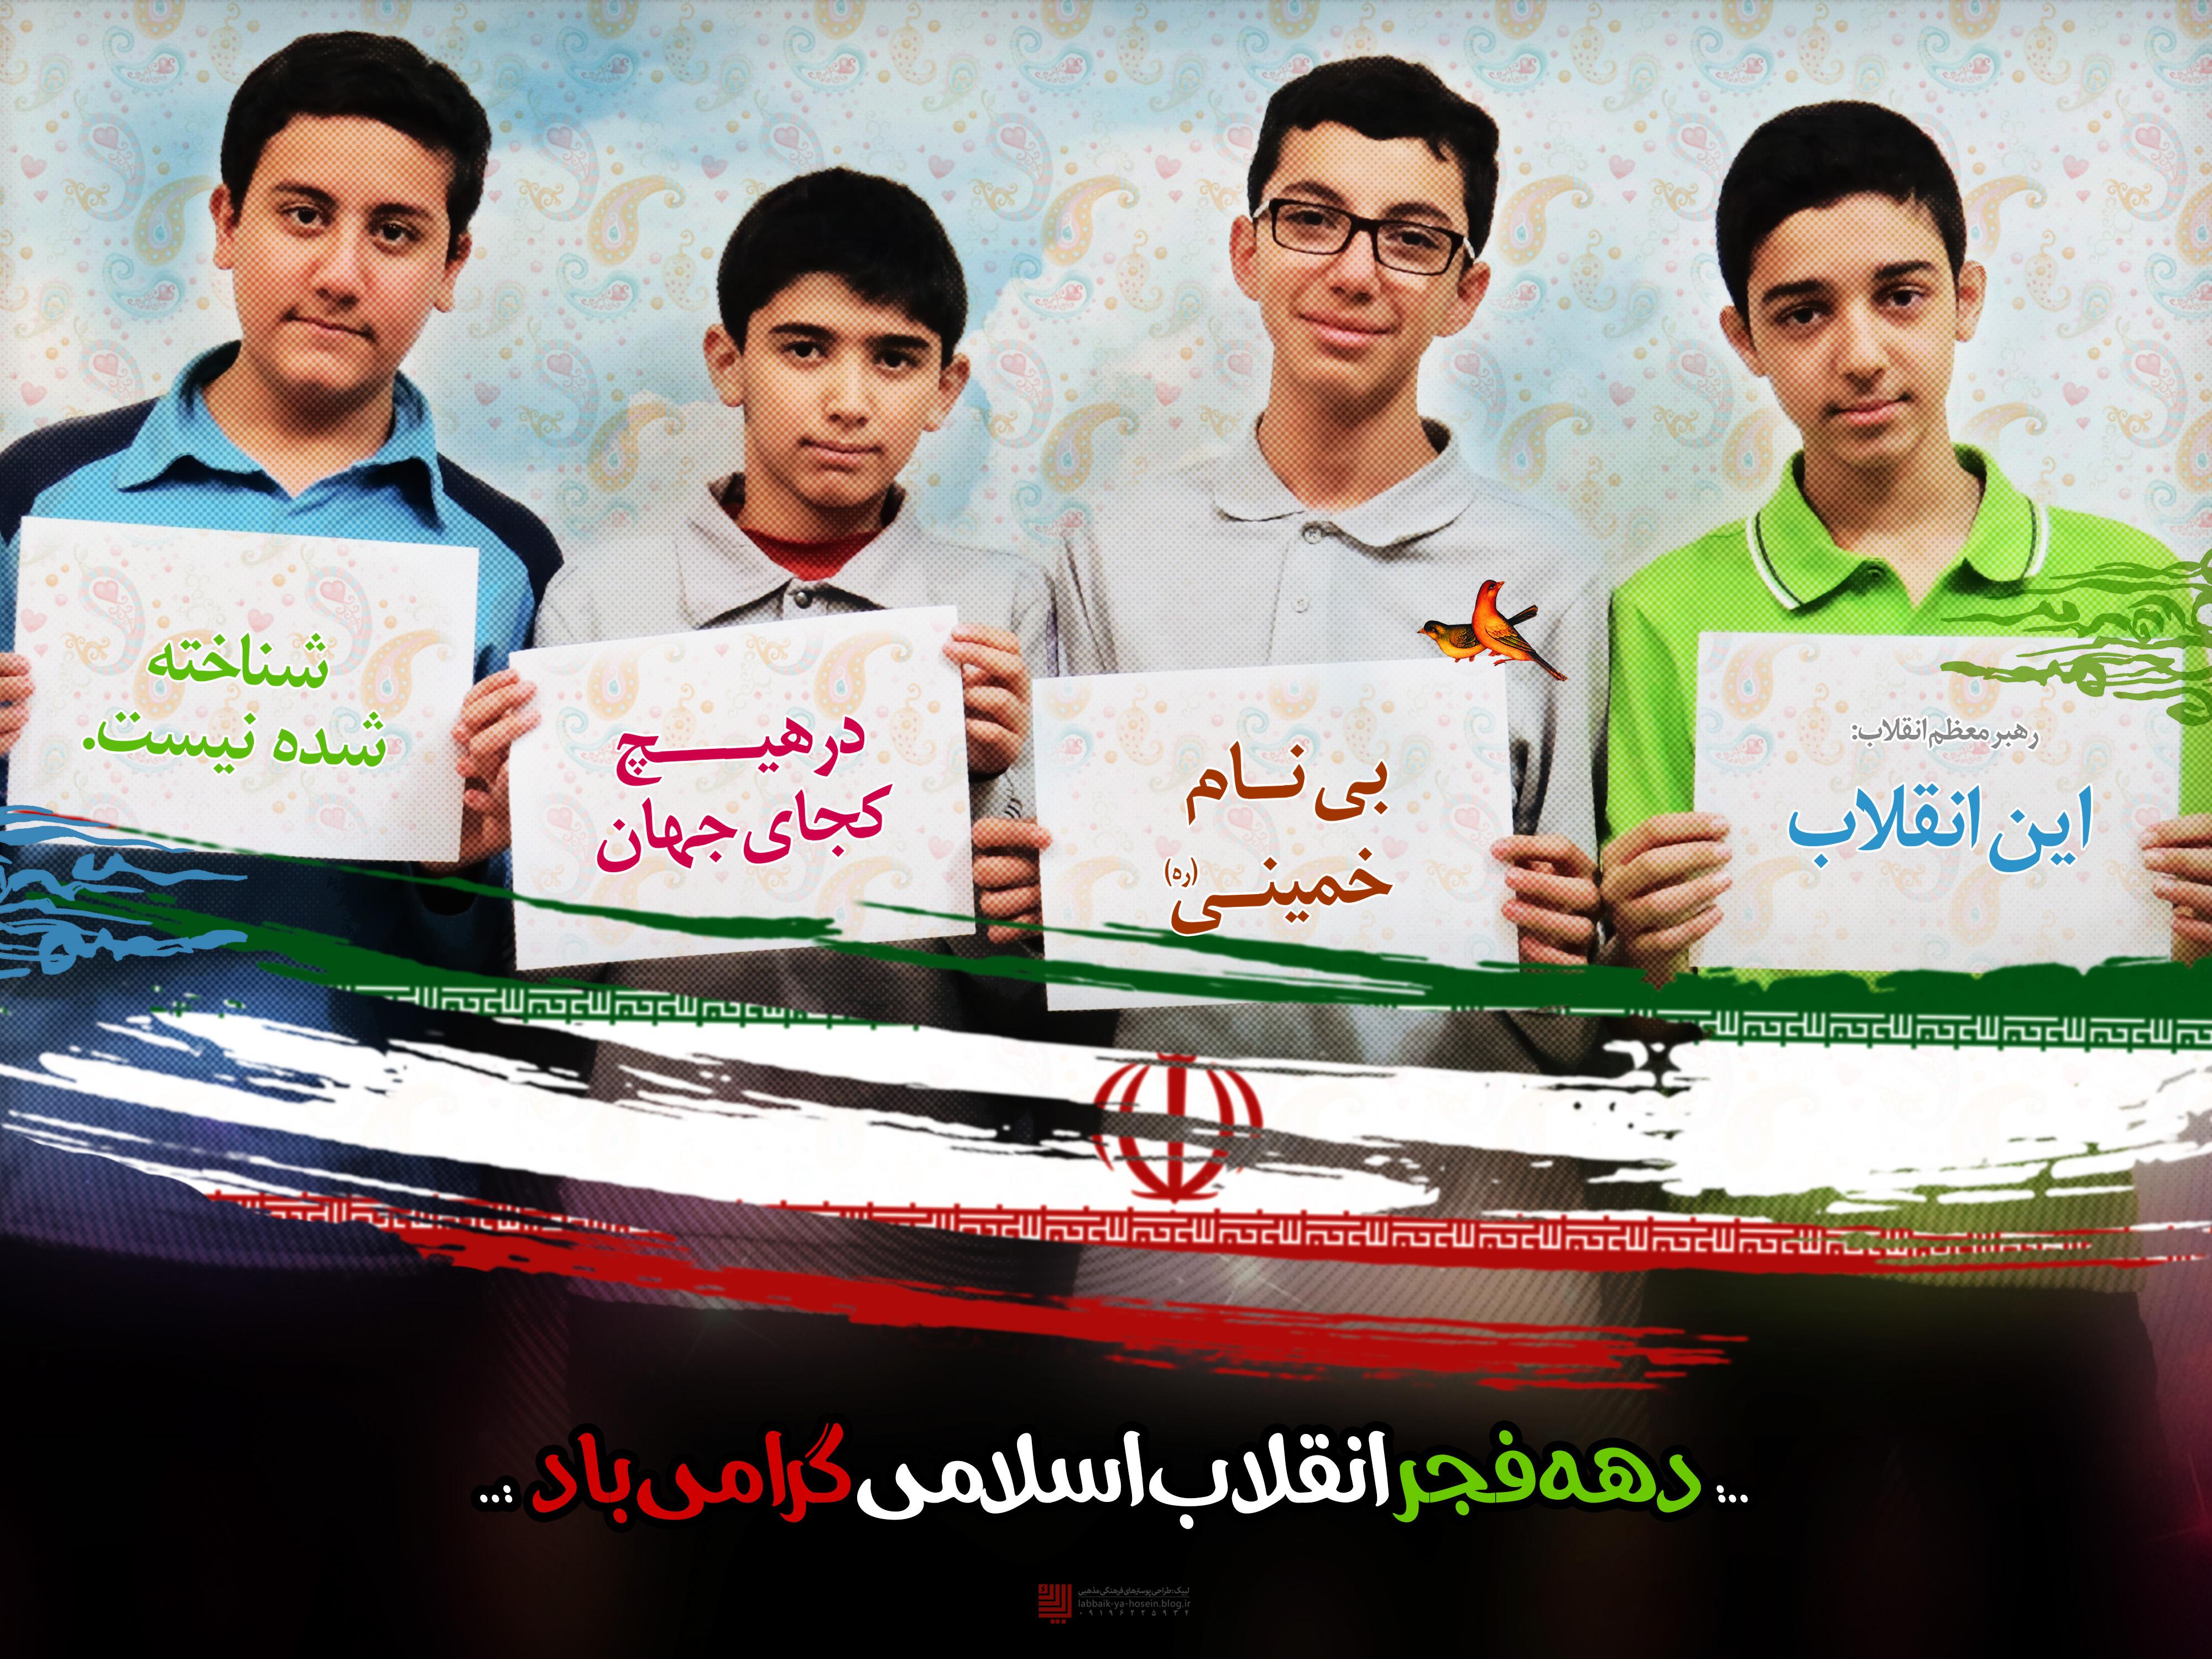 ویژه نامه پیروزی انقلاب اسلامی ایران